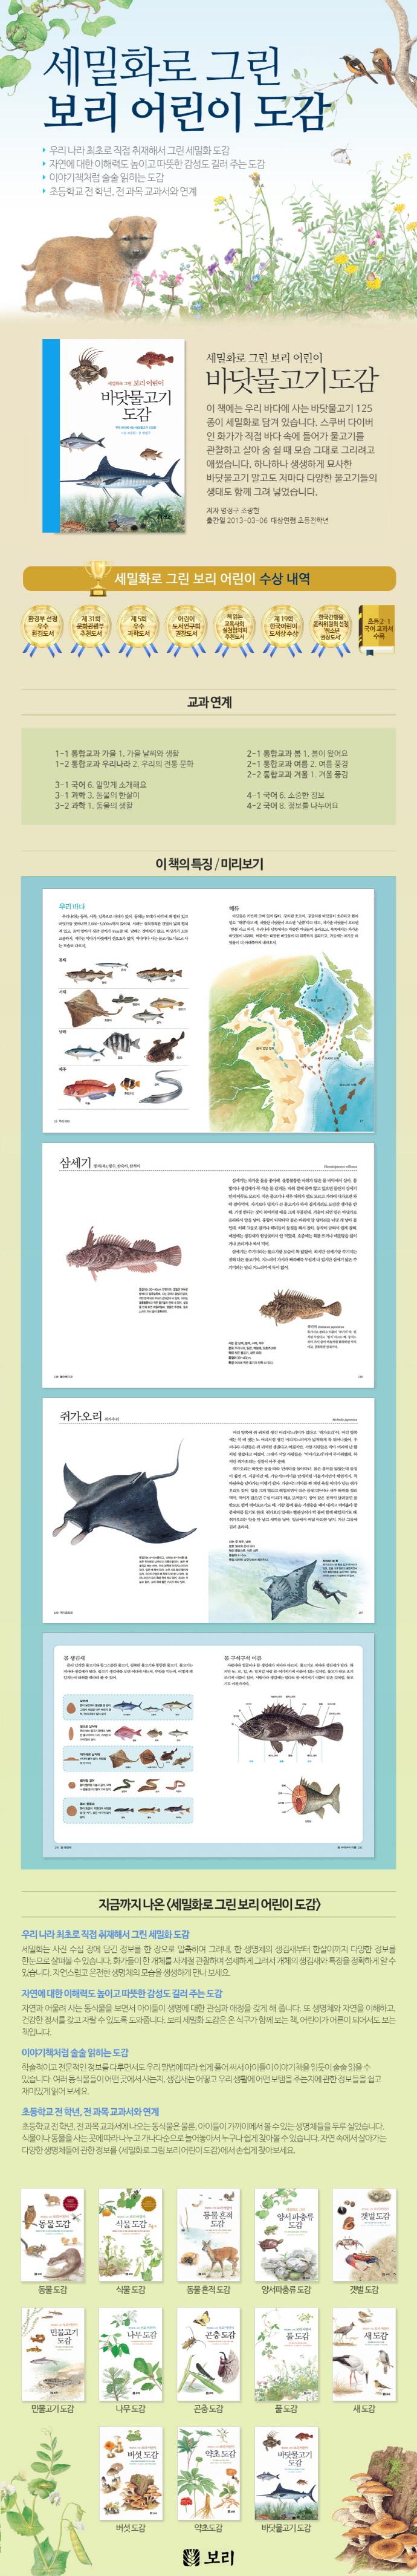 바닷물고기 도감(세밀화로 그린 보리 어린이)(양장본 HardCover) 도서 상세이미지